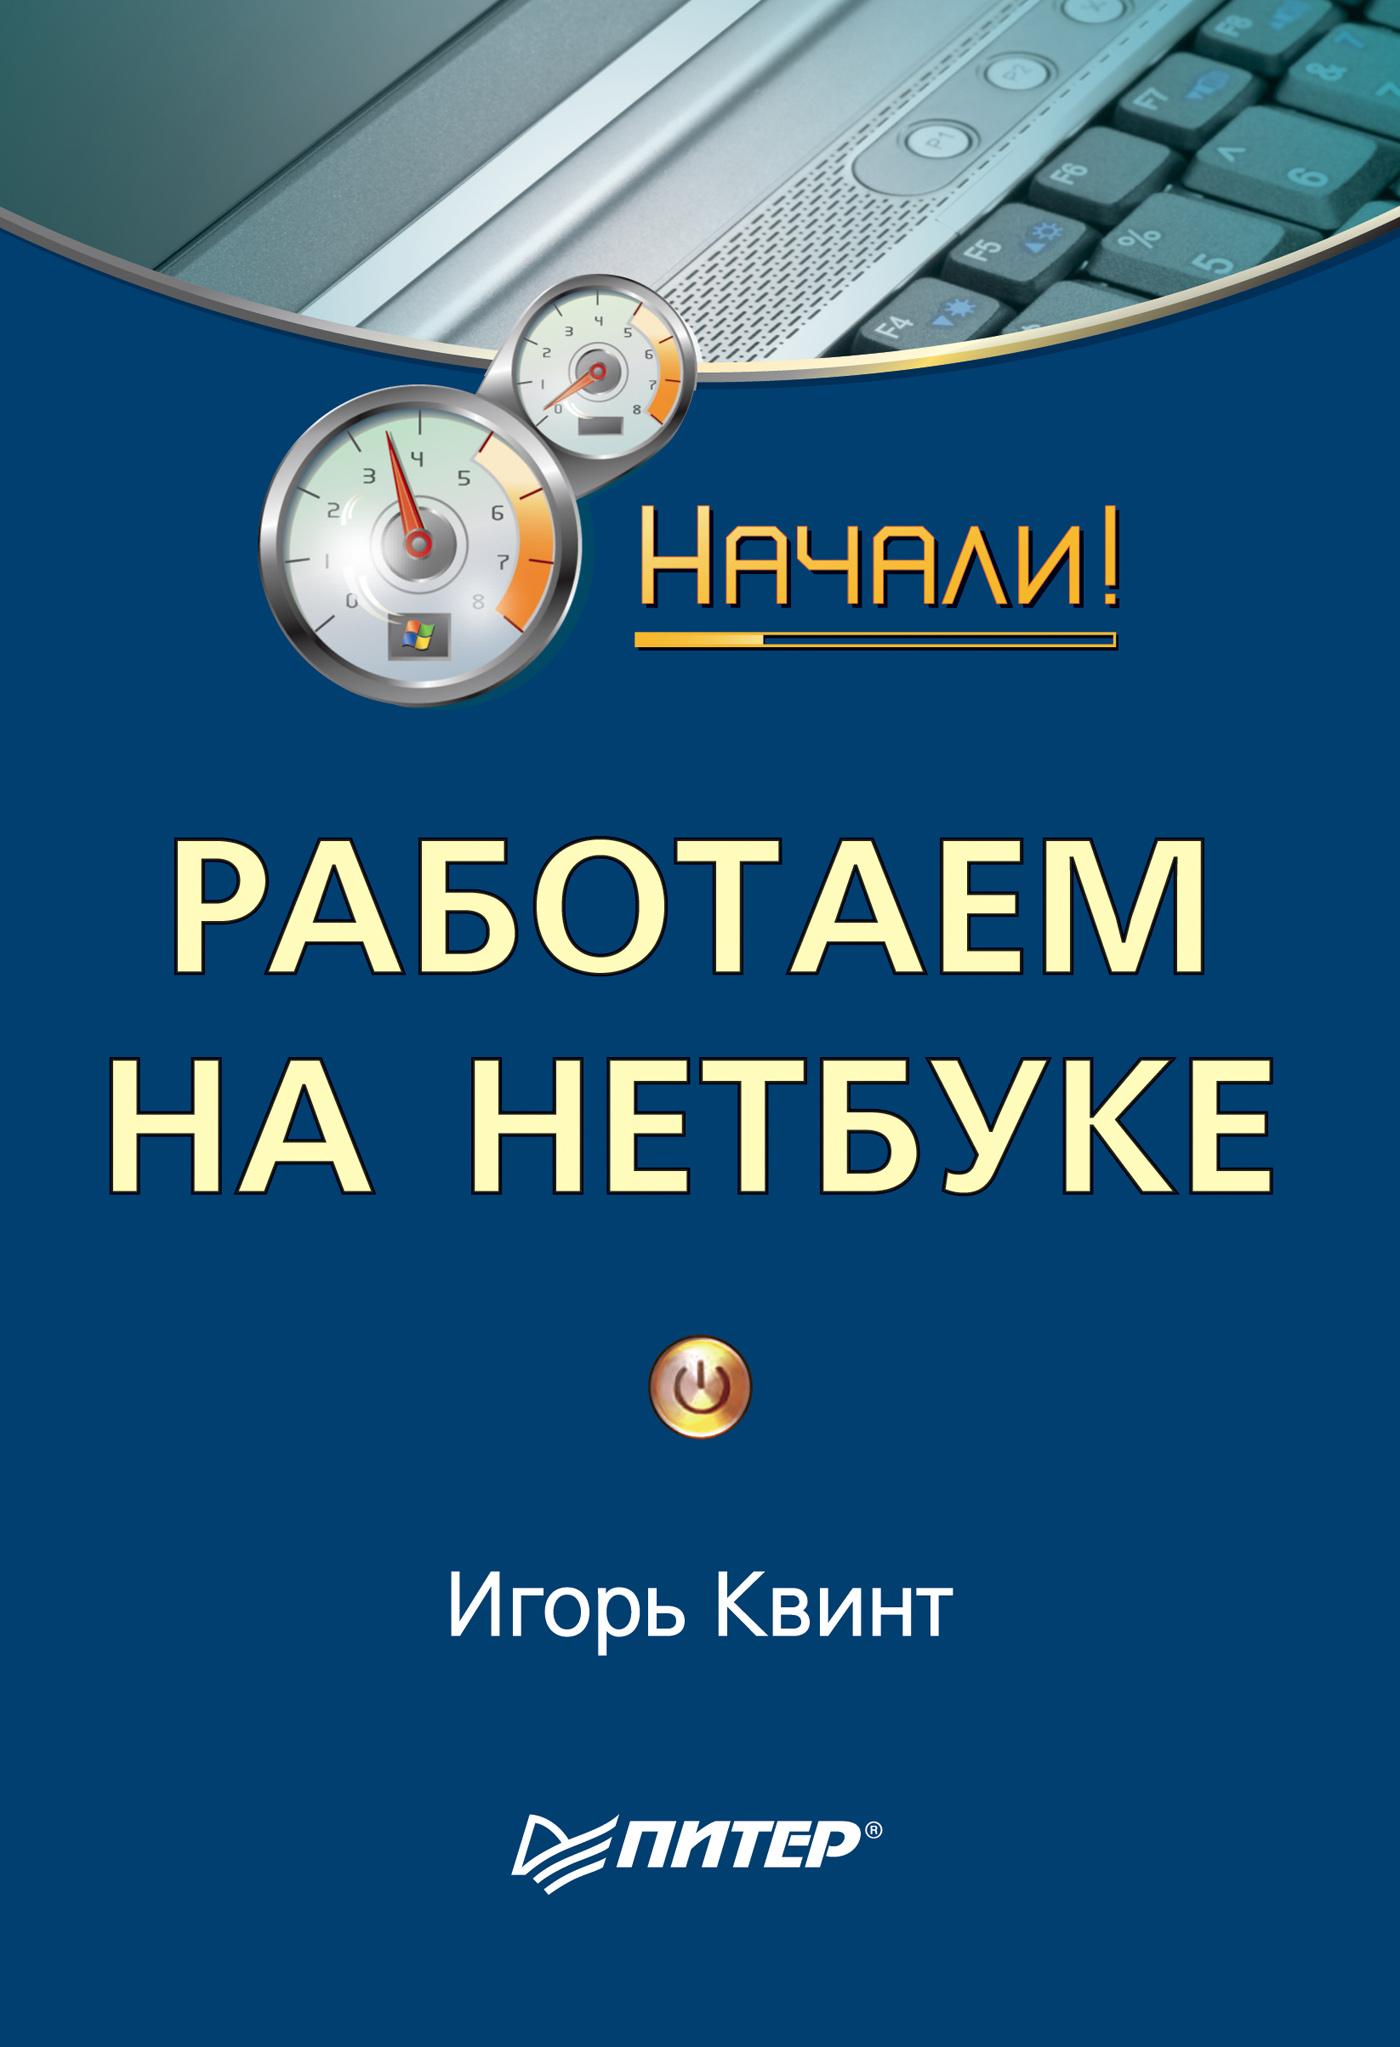 Игорь Квинт Работаем на нетбуке. Начали! как установить драйвера на ноутбук